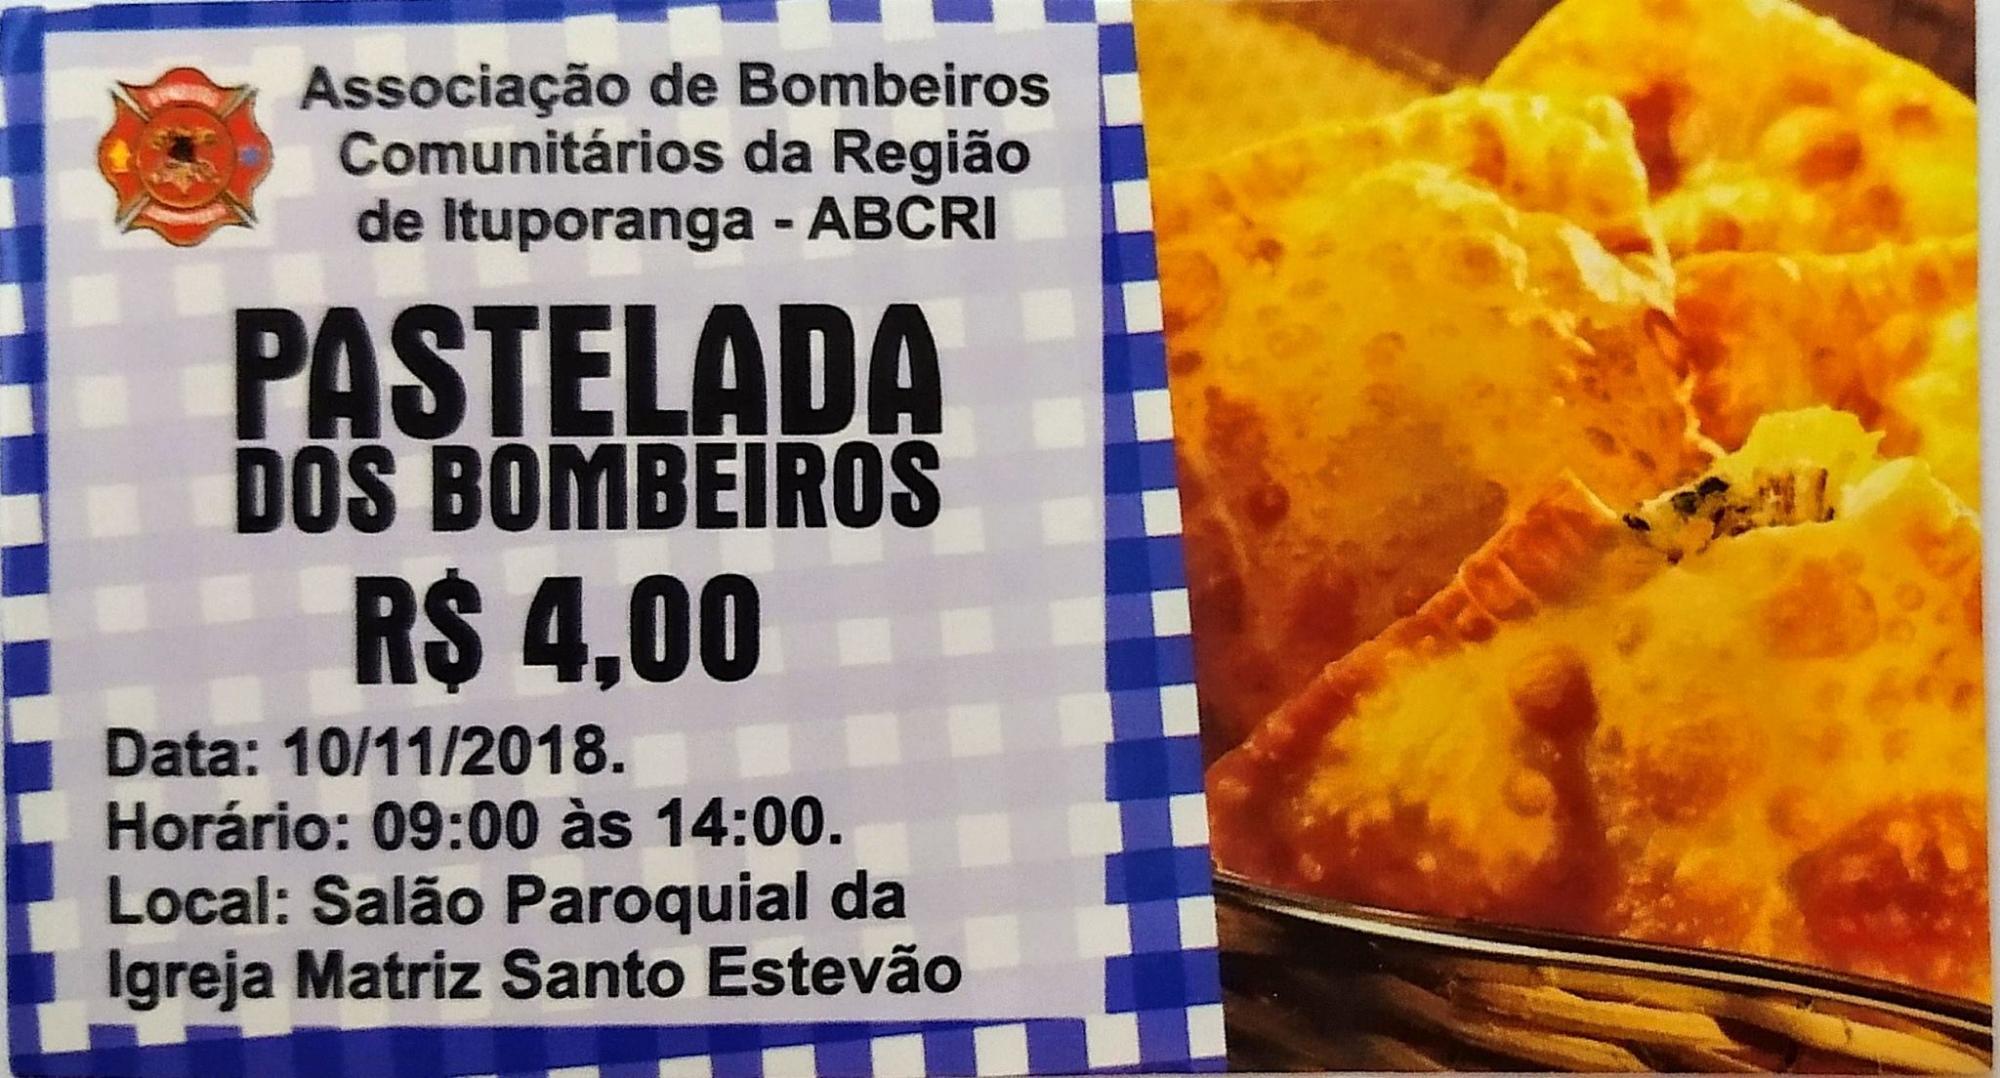 Bombeiros Comunitários de Ituporanga promovem pastelada